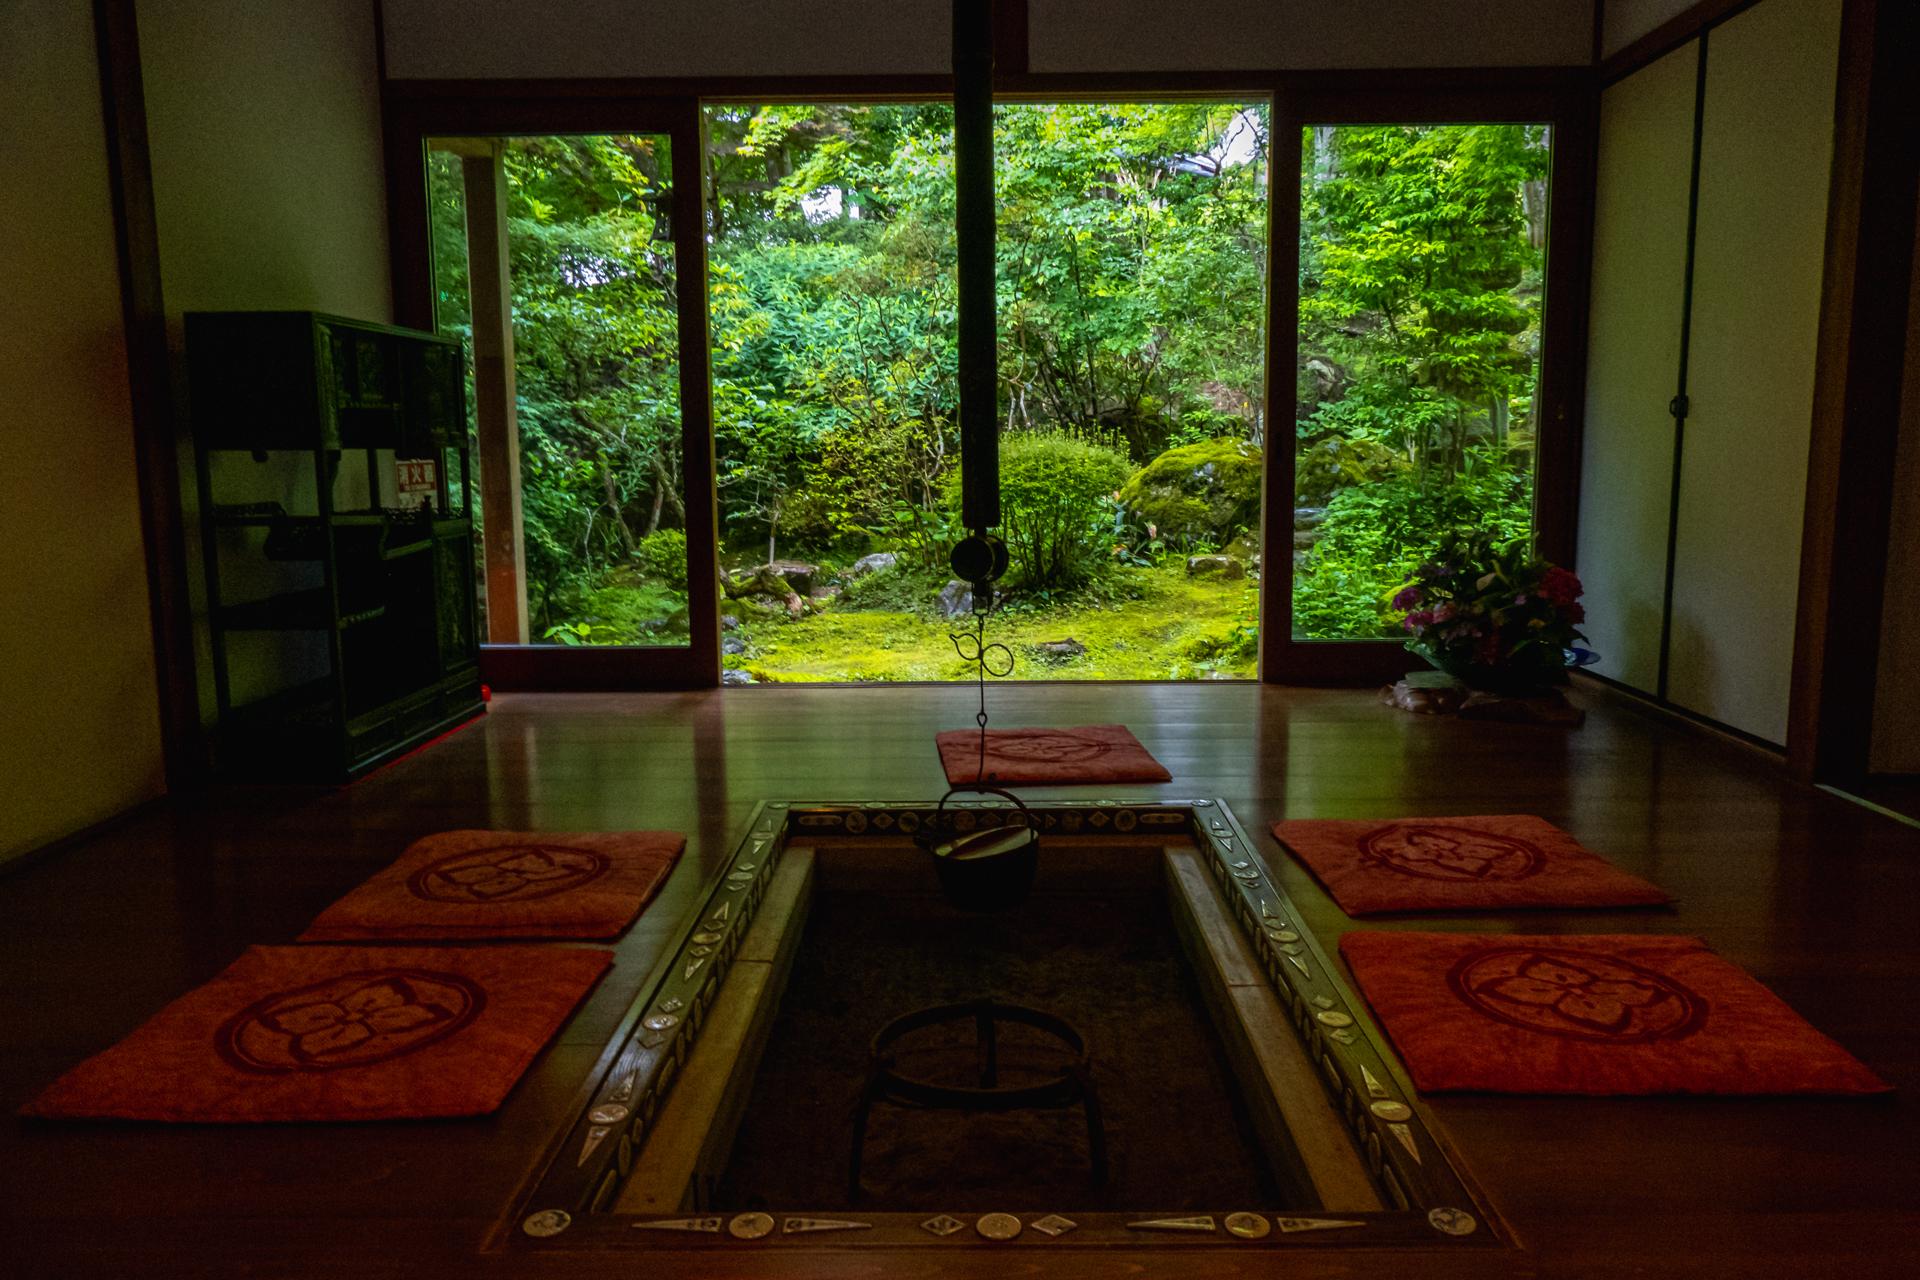 P1001588 京都府 宝泉院(額縁庭園と新緑の景色が美しい夏におすすめスポット!写真の紹介、アクセス情報など)